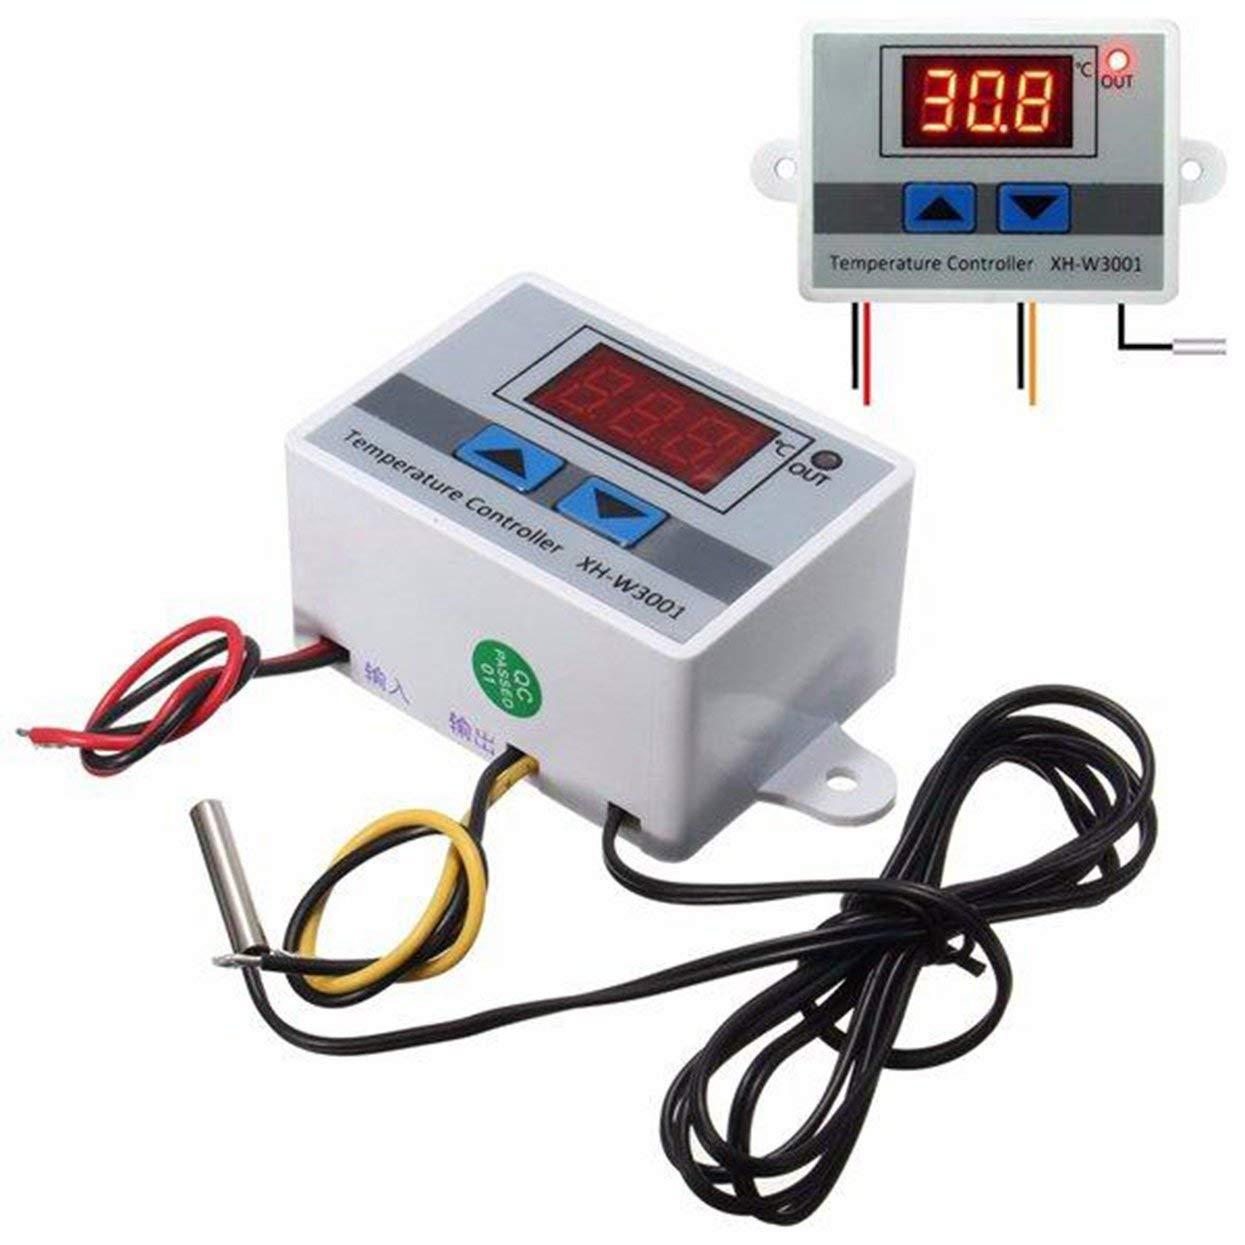 XH-W3001 220V 10A Regolatori di Temperatura Digitali LED con Sonda Termostato